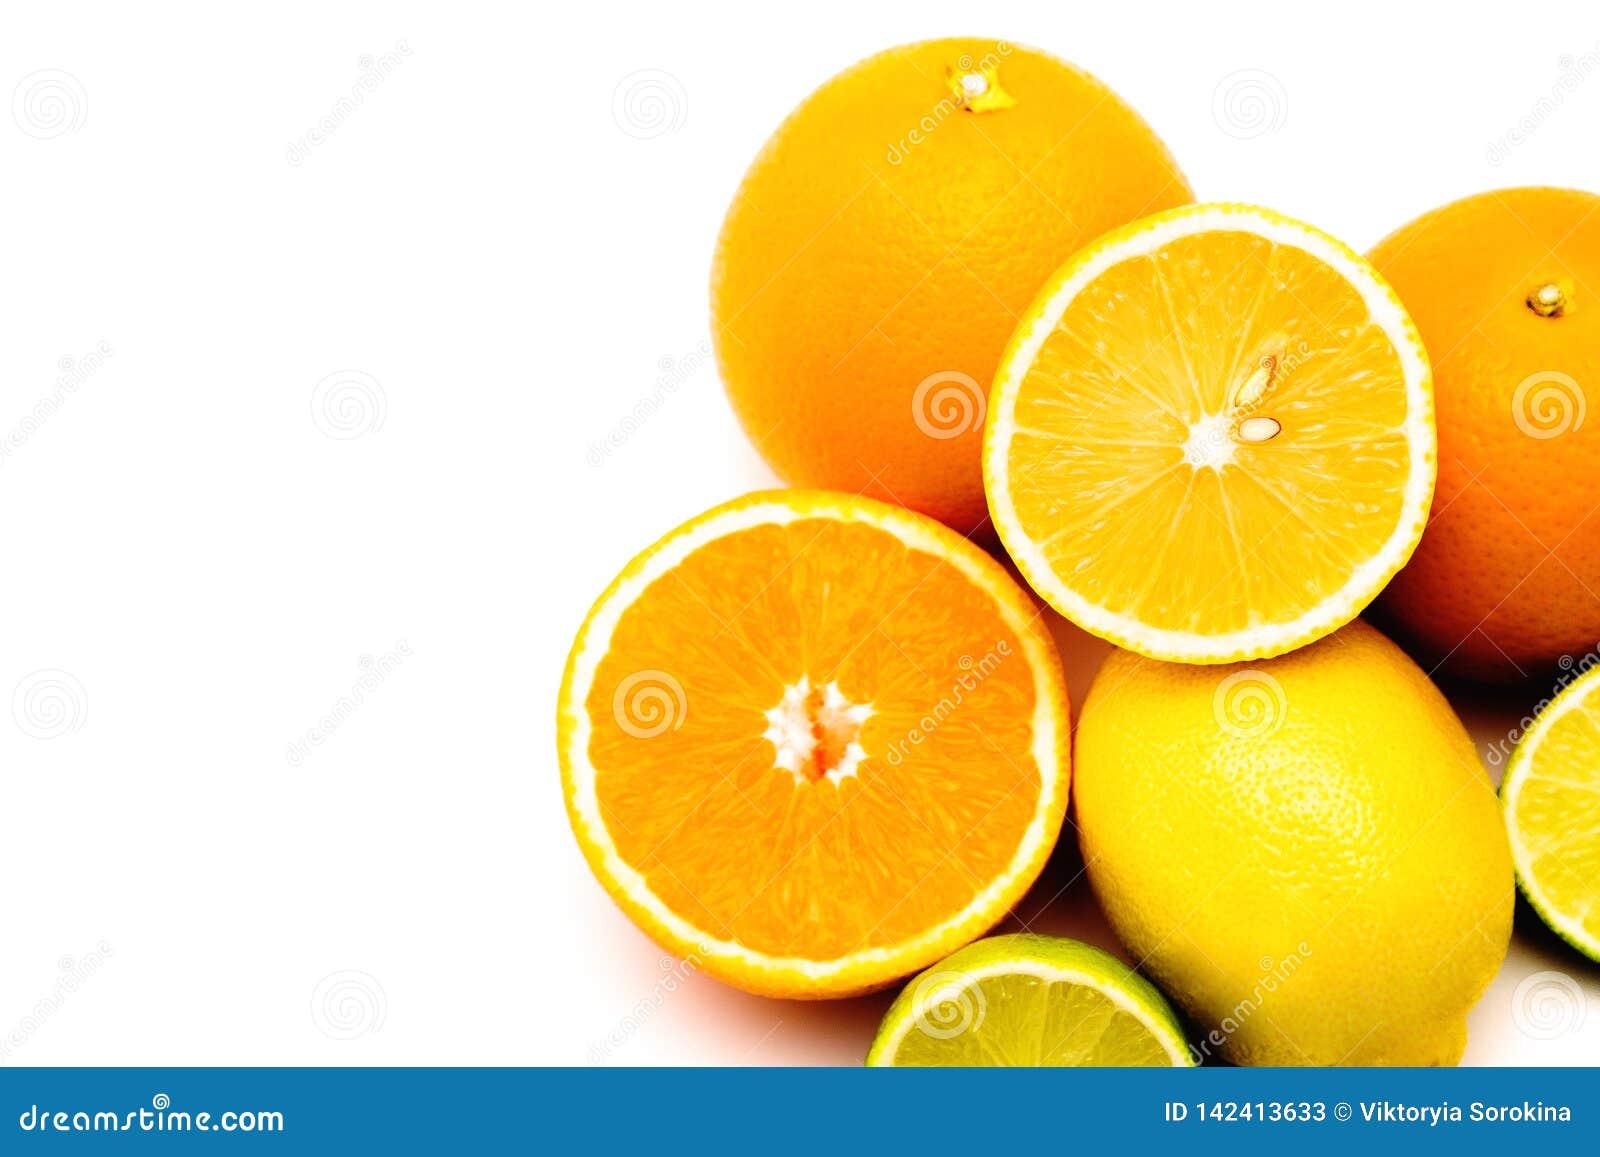 Früchte, tropische Früchte, saftige Früchte, Zitrusfrucht, Zitrusfrüchte, Orange, Zitrone, Kalk, Pampelmuse, saftig, Frucht auf e